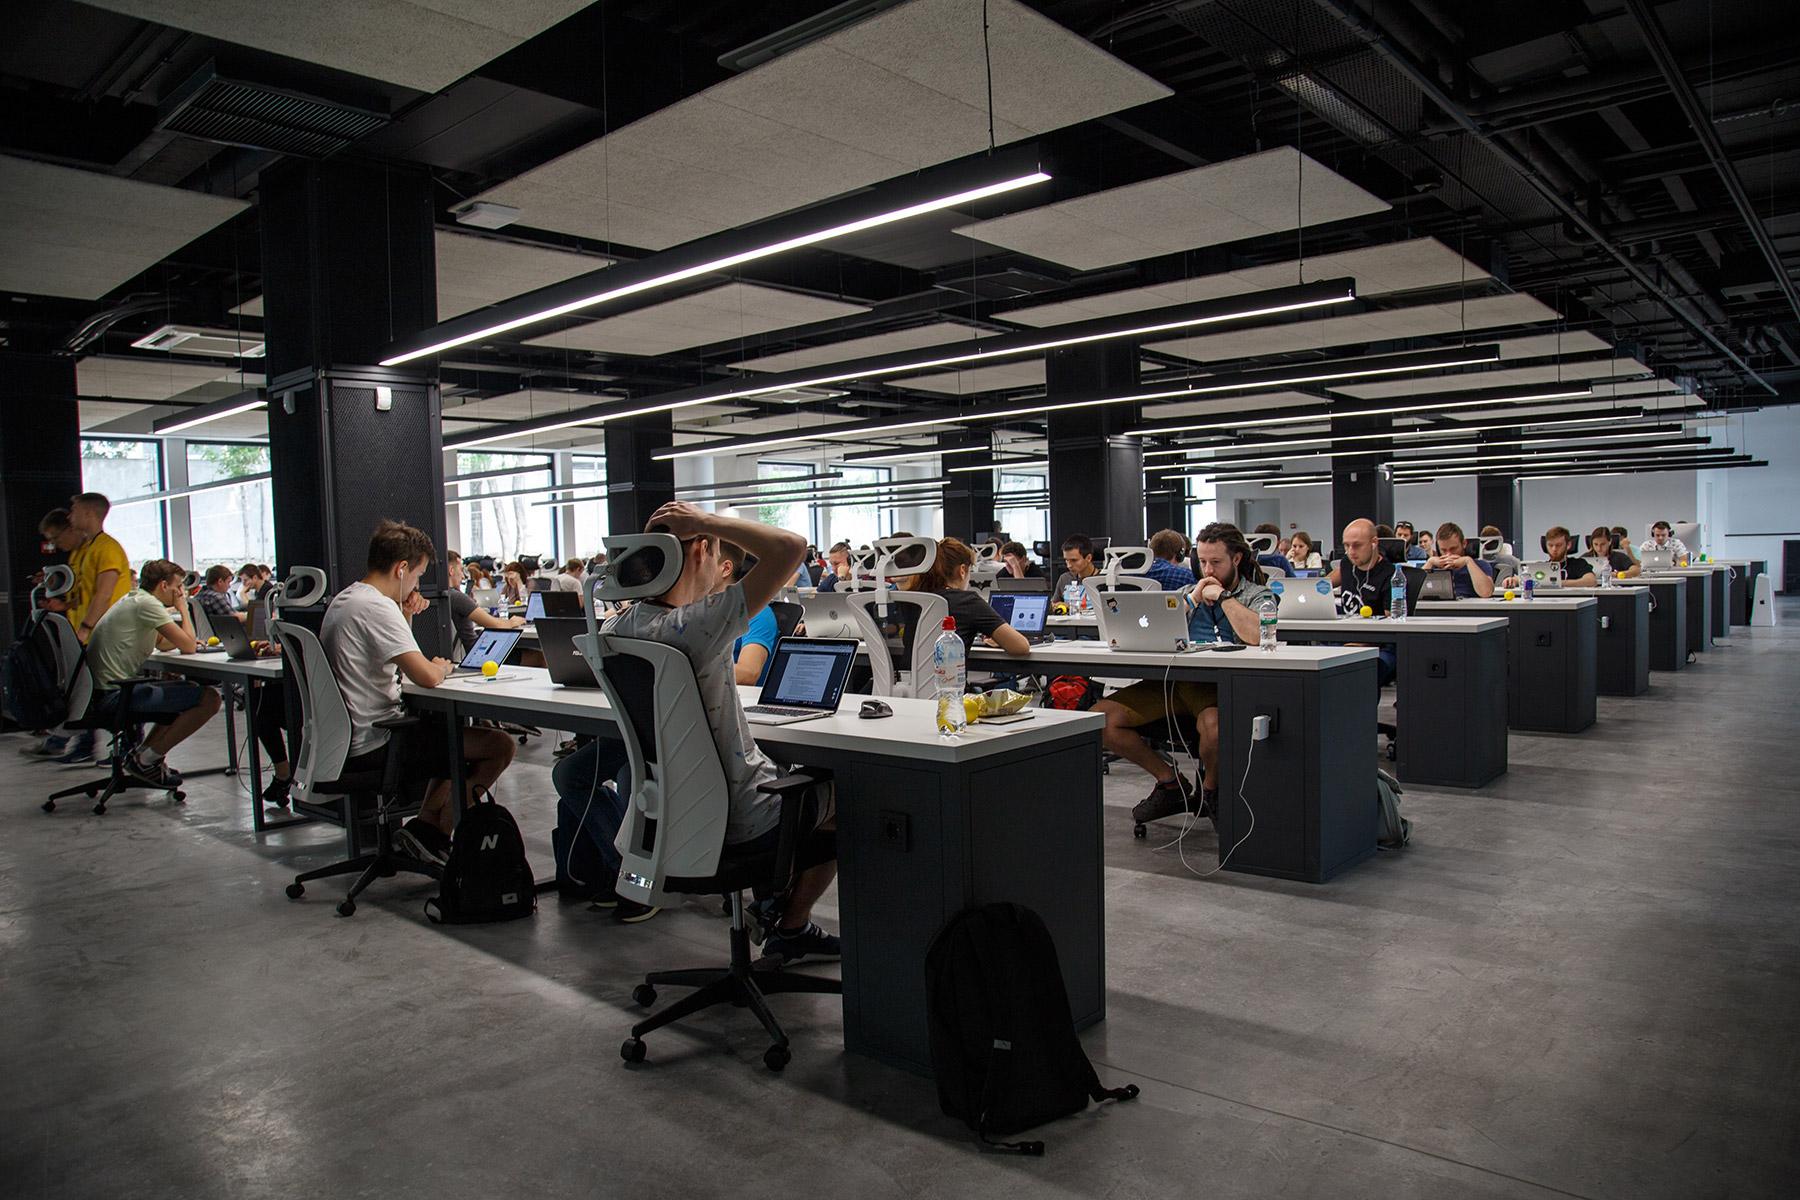 Capa de Como o coworking reduz seus custos operacionais em relação a um escritório tradicional